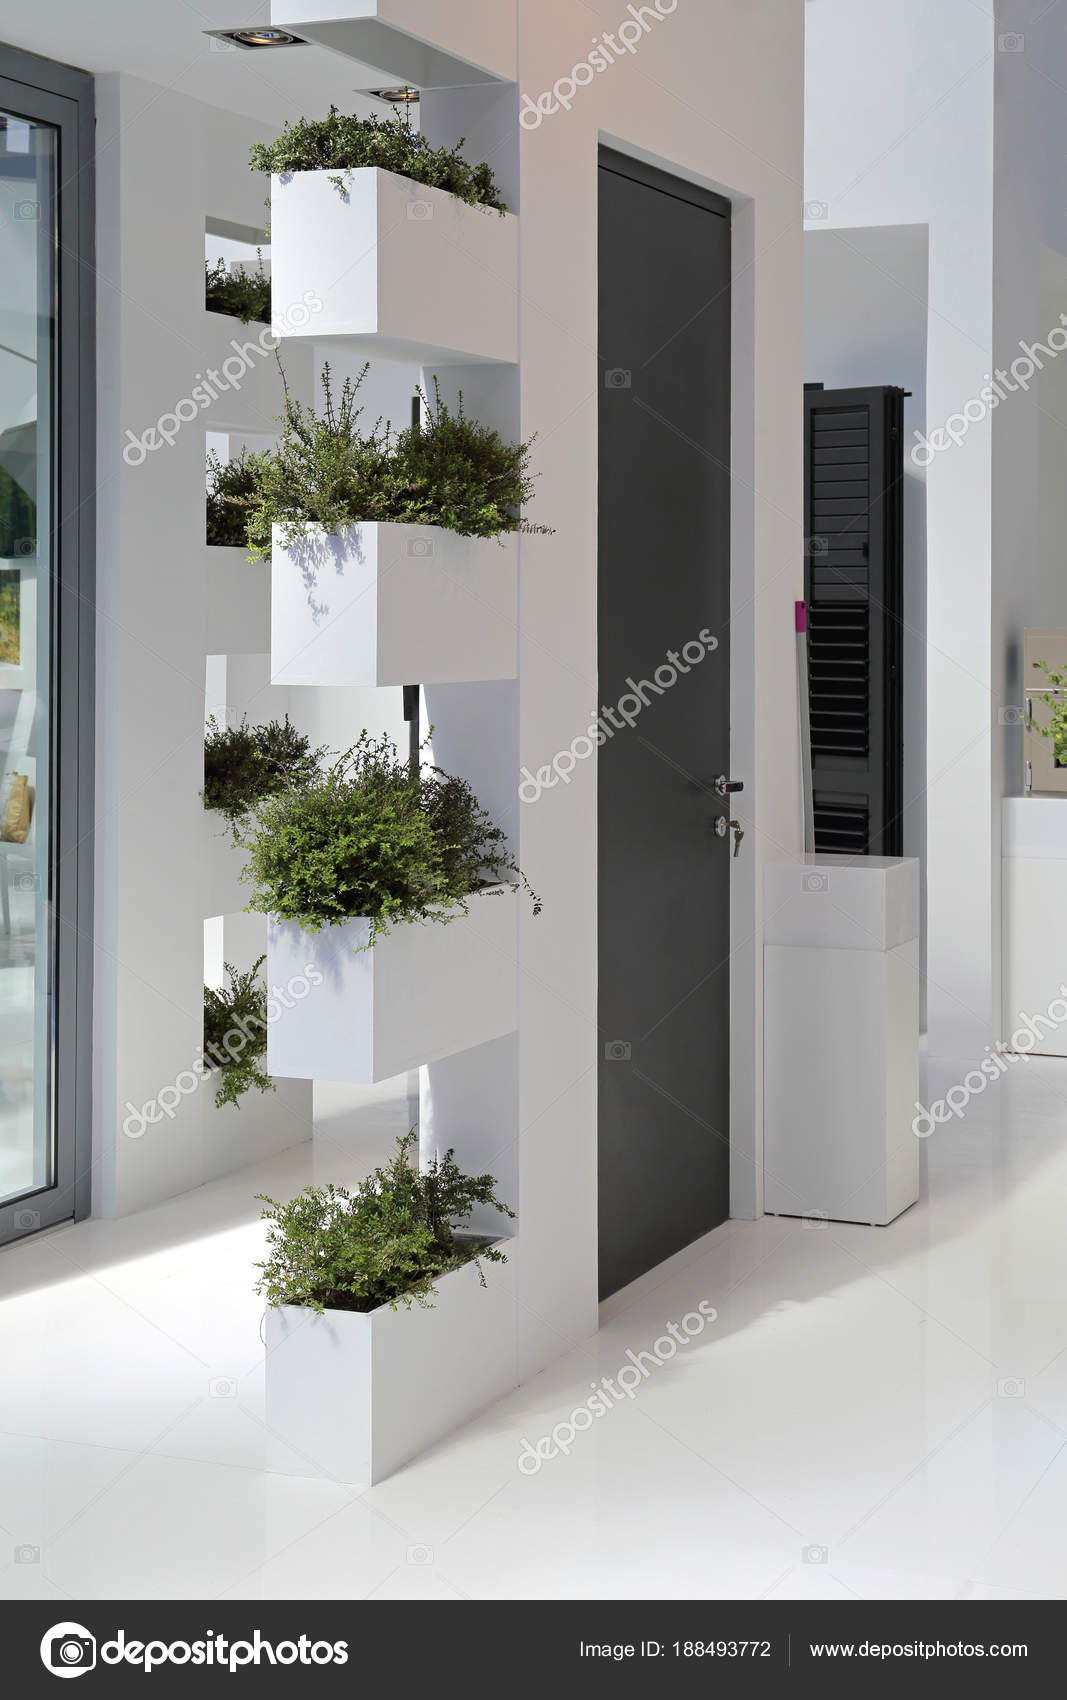 Affordable giardini in verticale parete angolo nella casa foto di baloncici with giardini in casa - Giardino verticale in casa ...